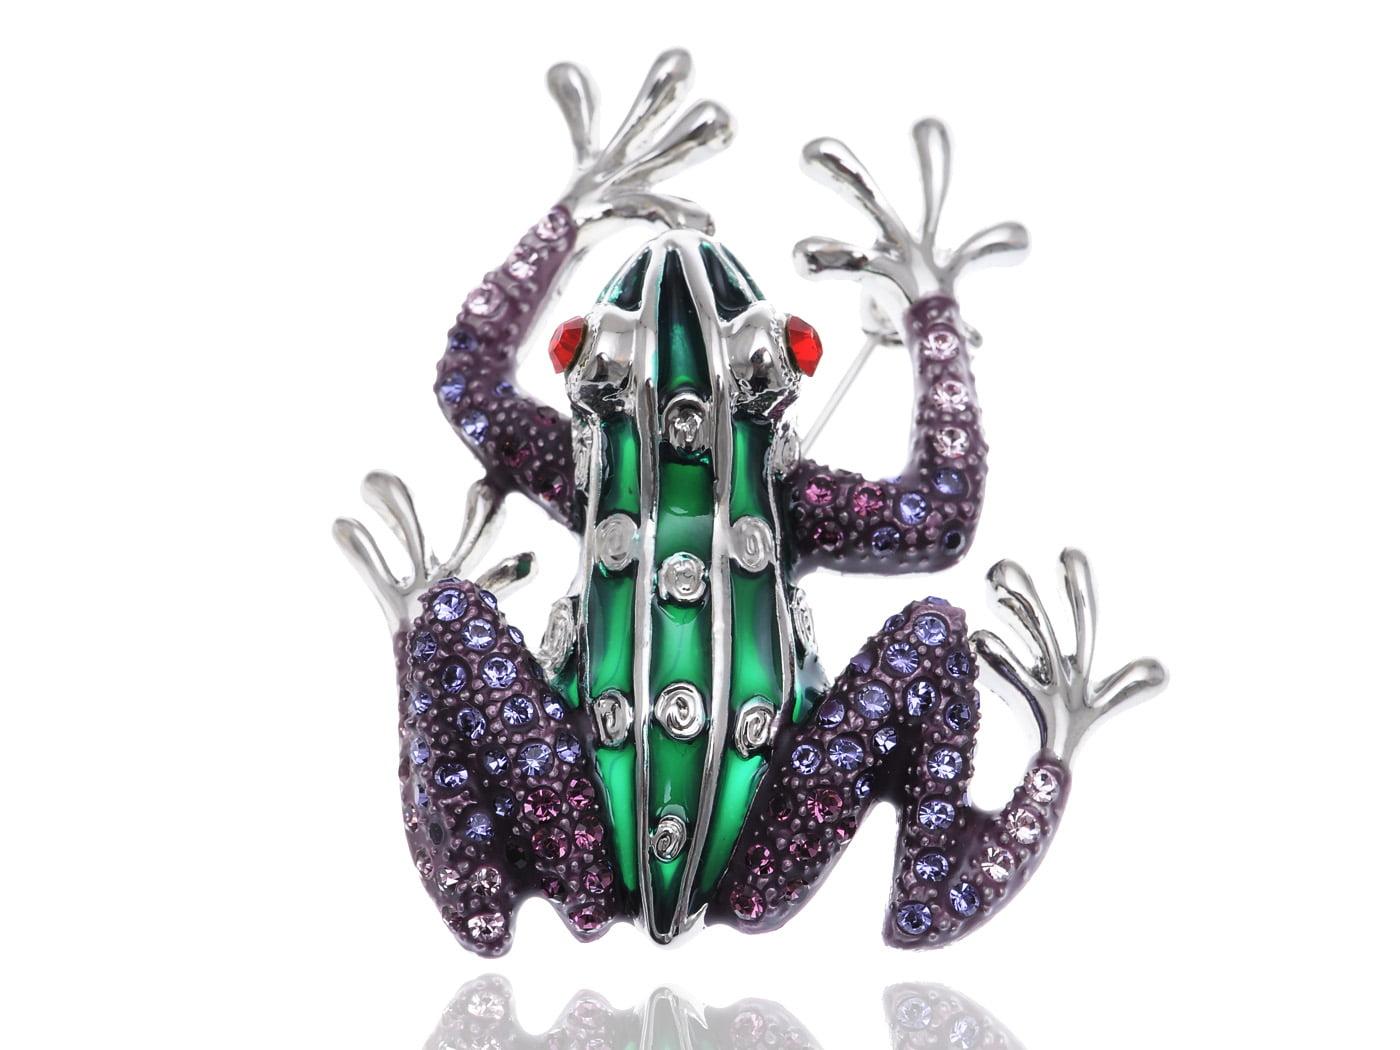 Cute Ruby Eyed Crystal Rhinestone Frog Prince Green Body Silver Feet Pin Broach by